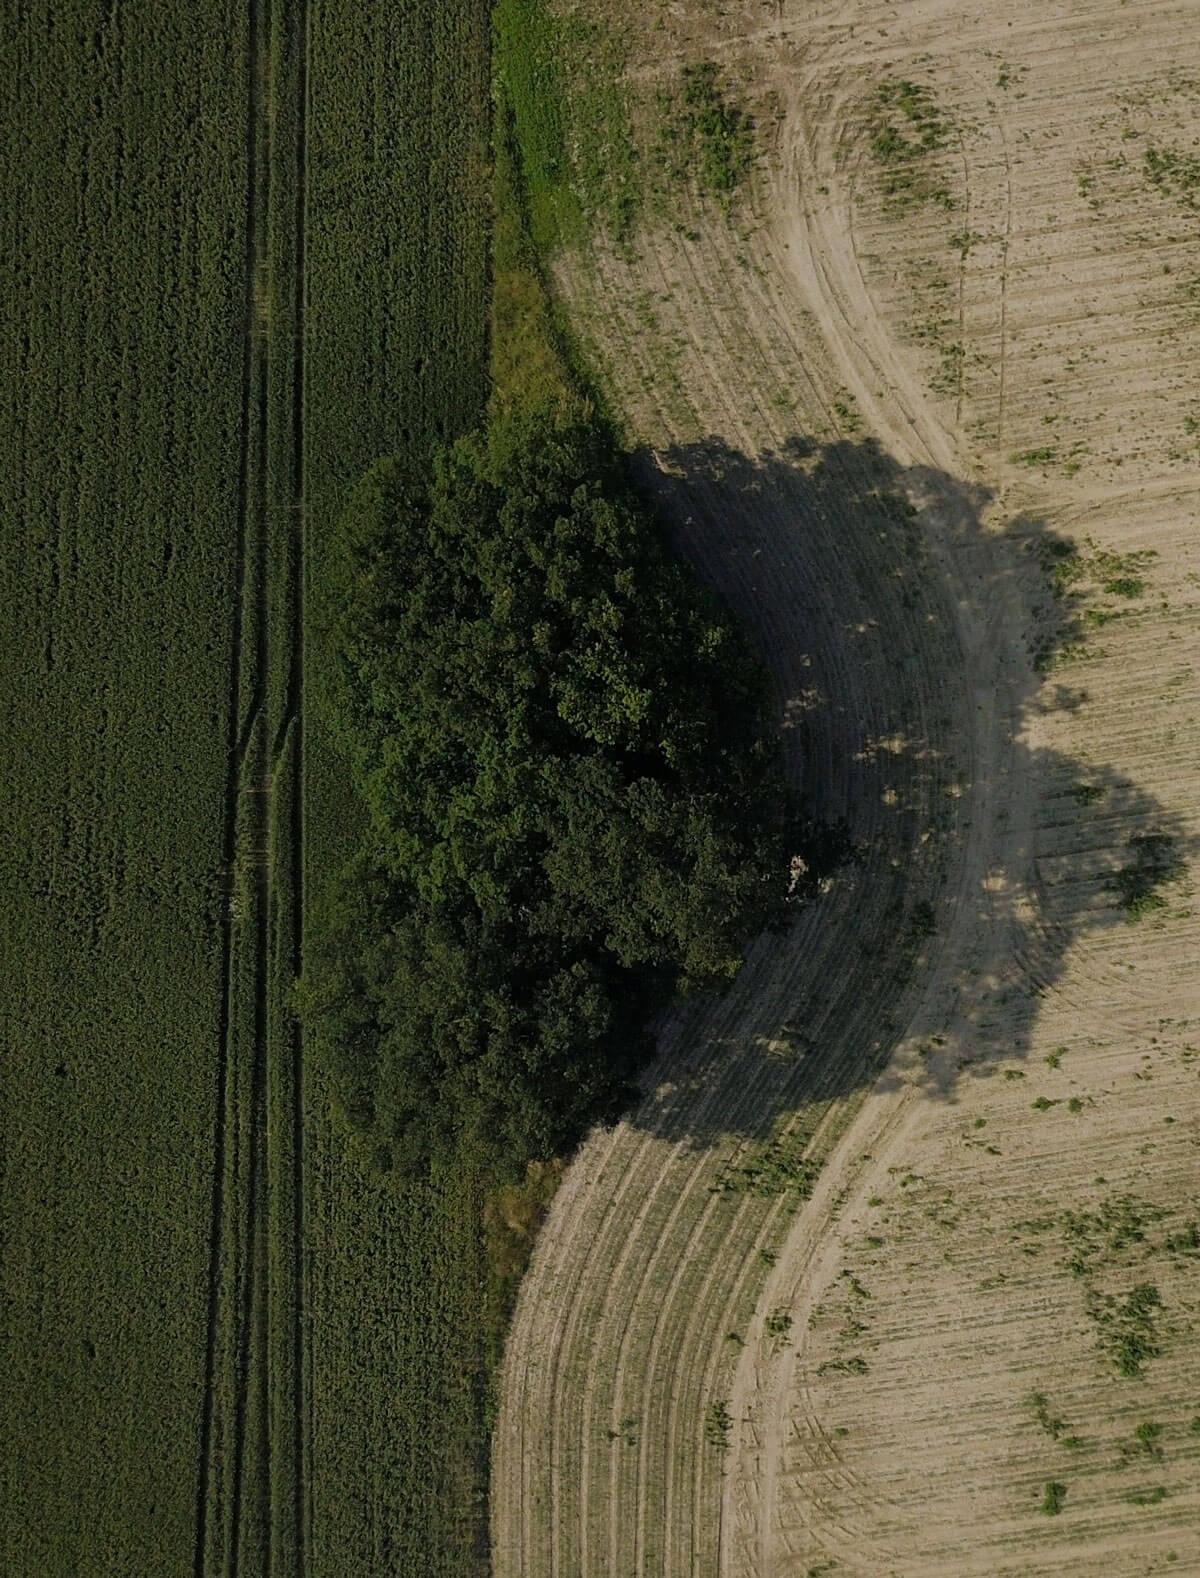 Luftbild Felder und Böschung